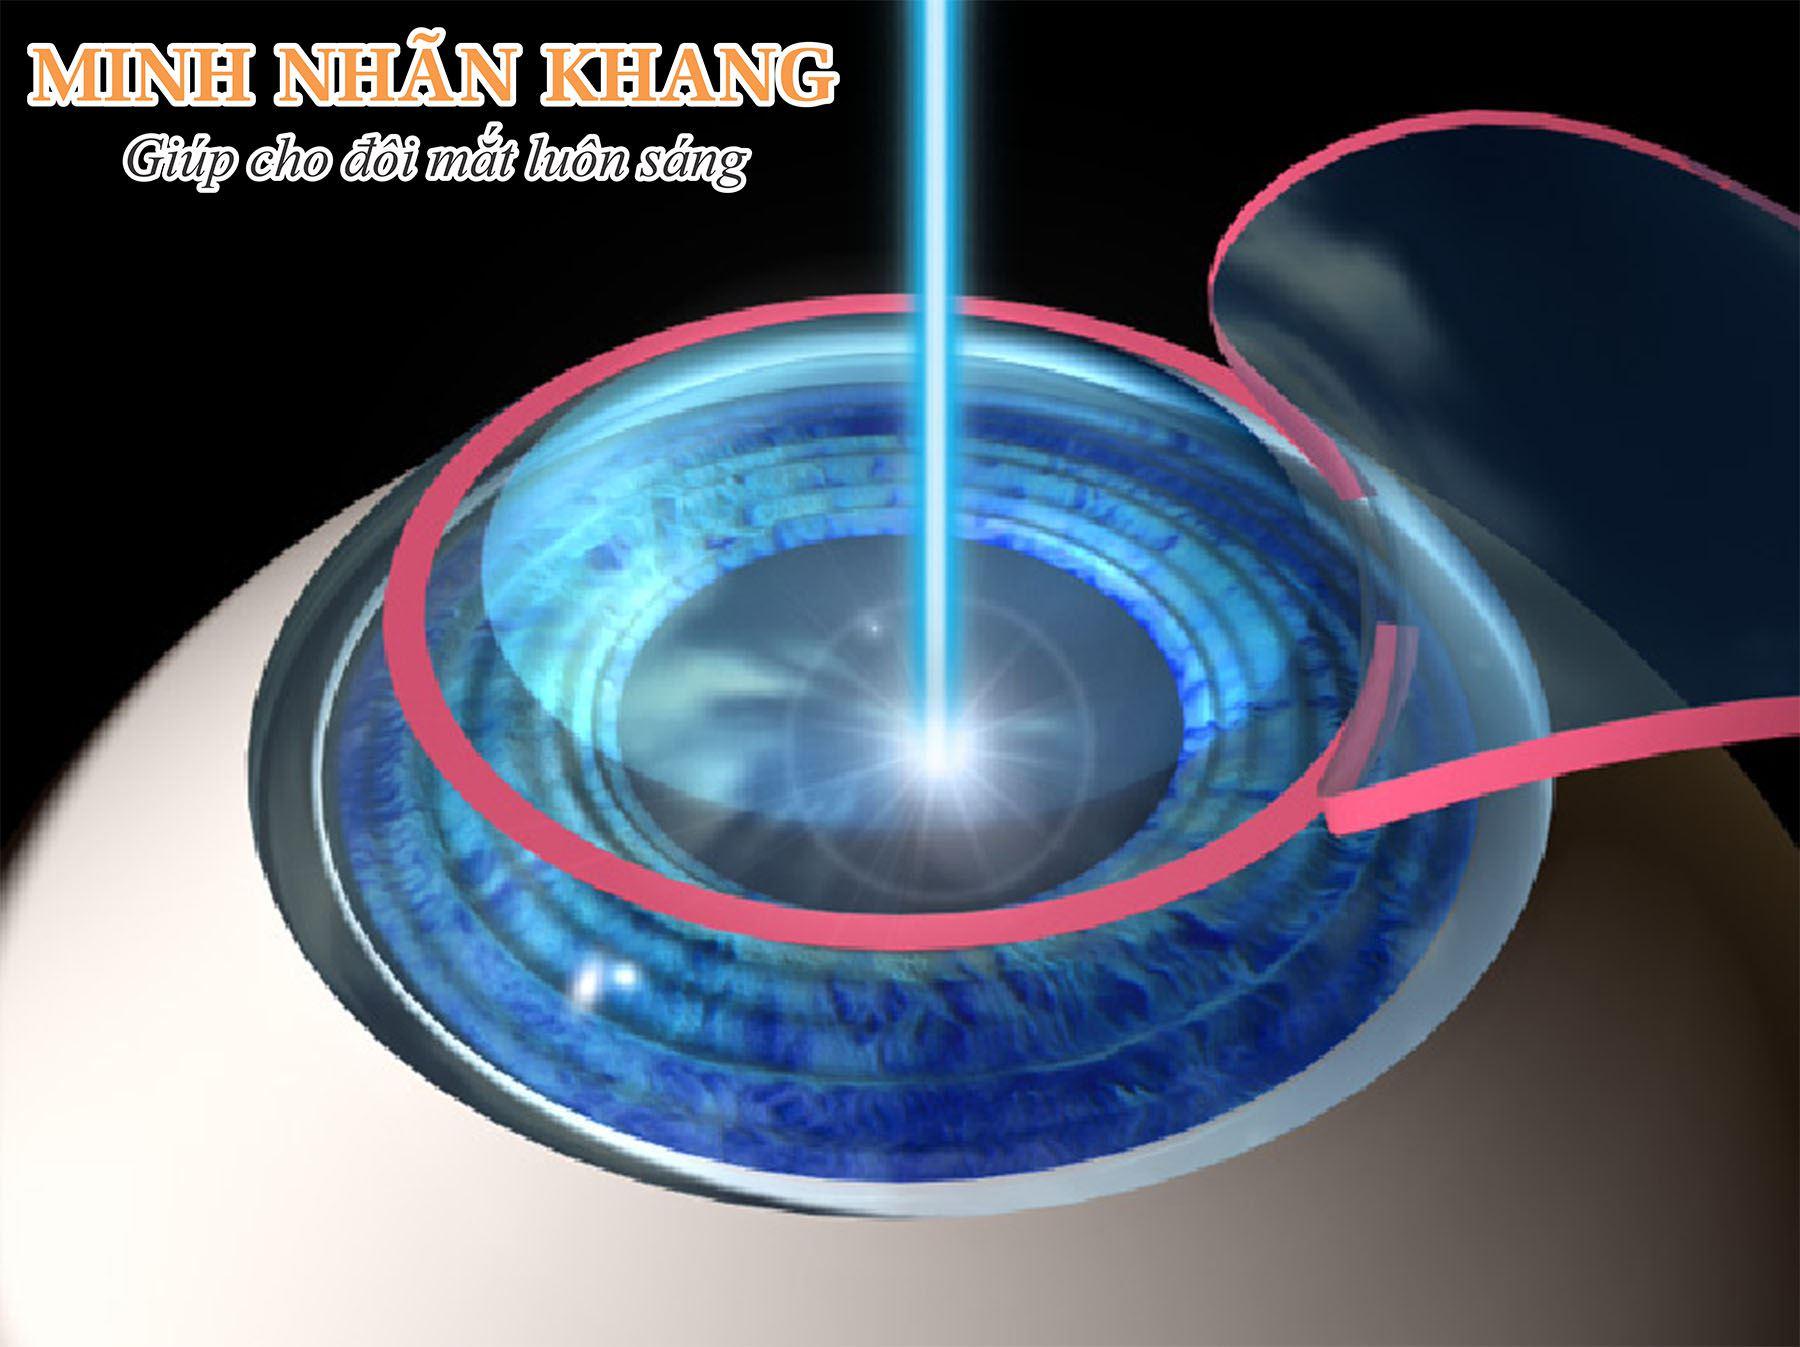 Thủy tinh thể vẩn đục sẽ bị phá vỡ bằng tia laser trước khi đưa ra ngoài